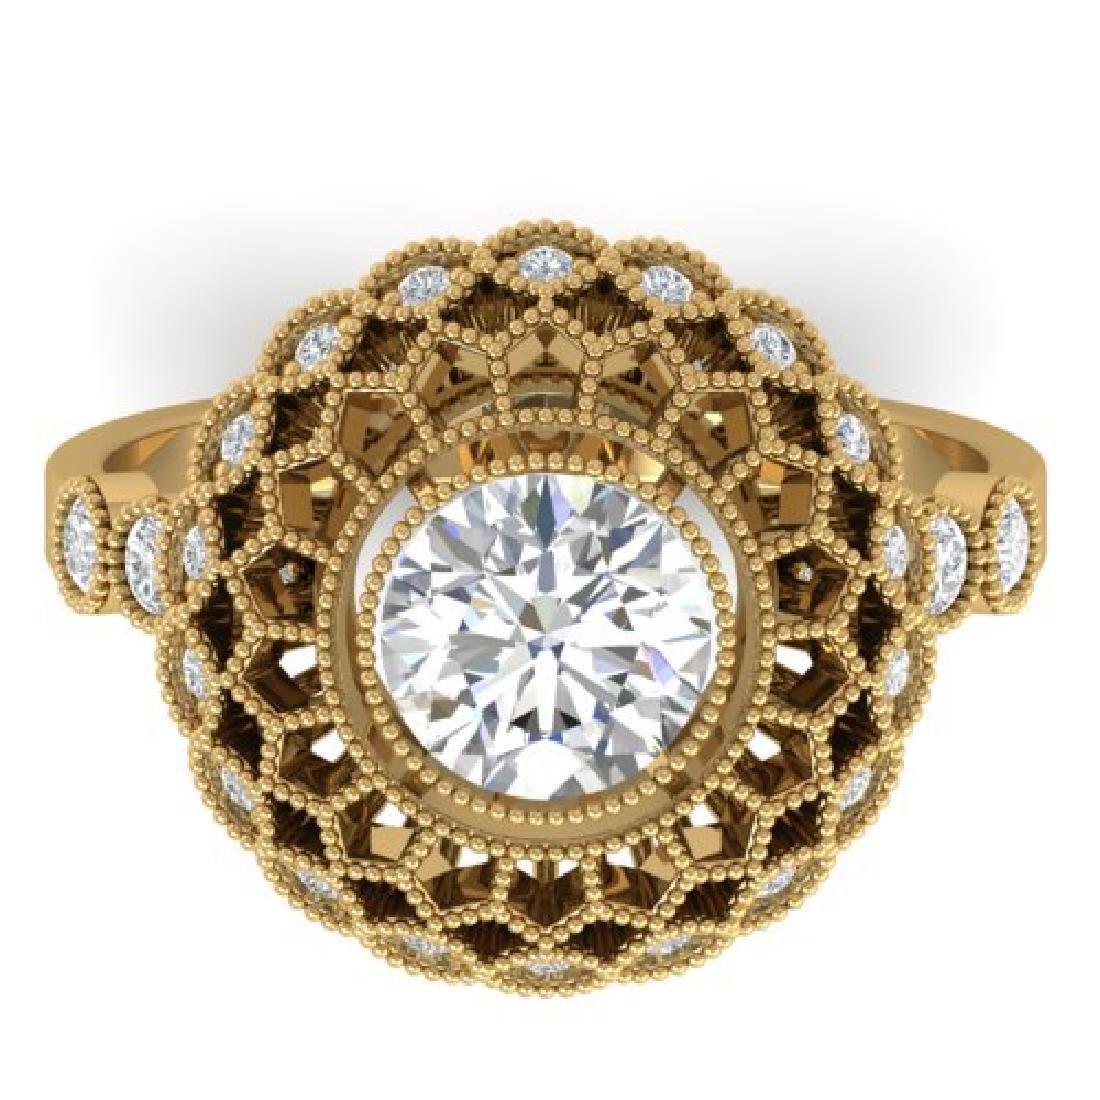 1.5 CTW Certified VS/SI Diamond Art Deco Ring 18K